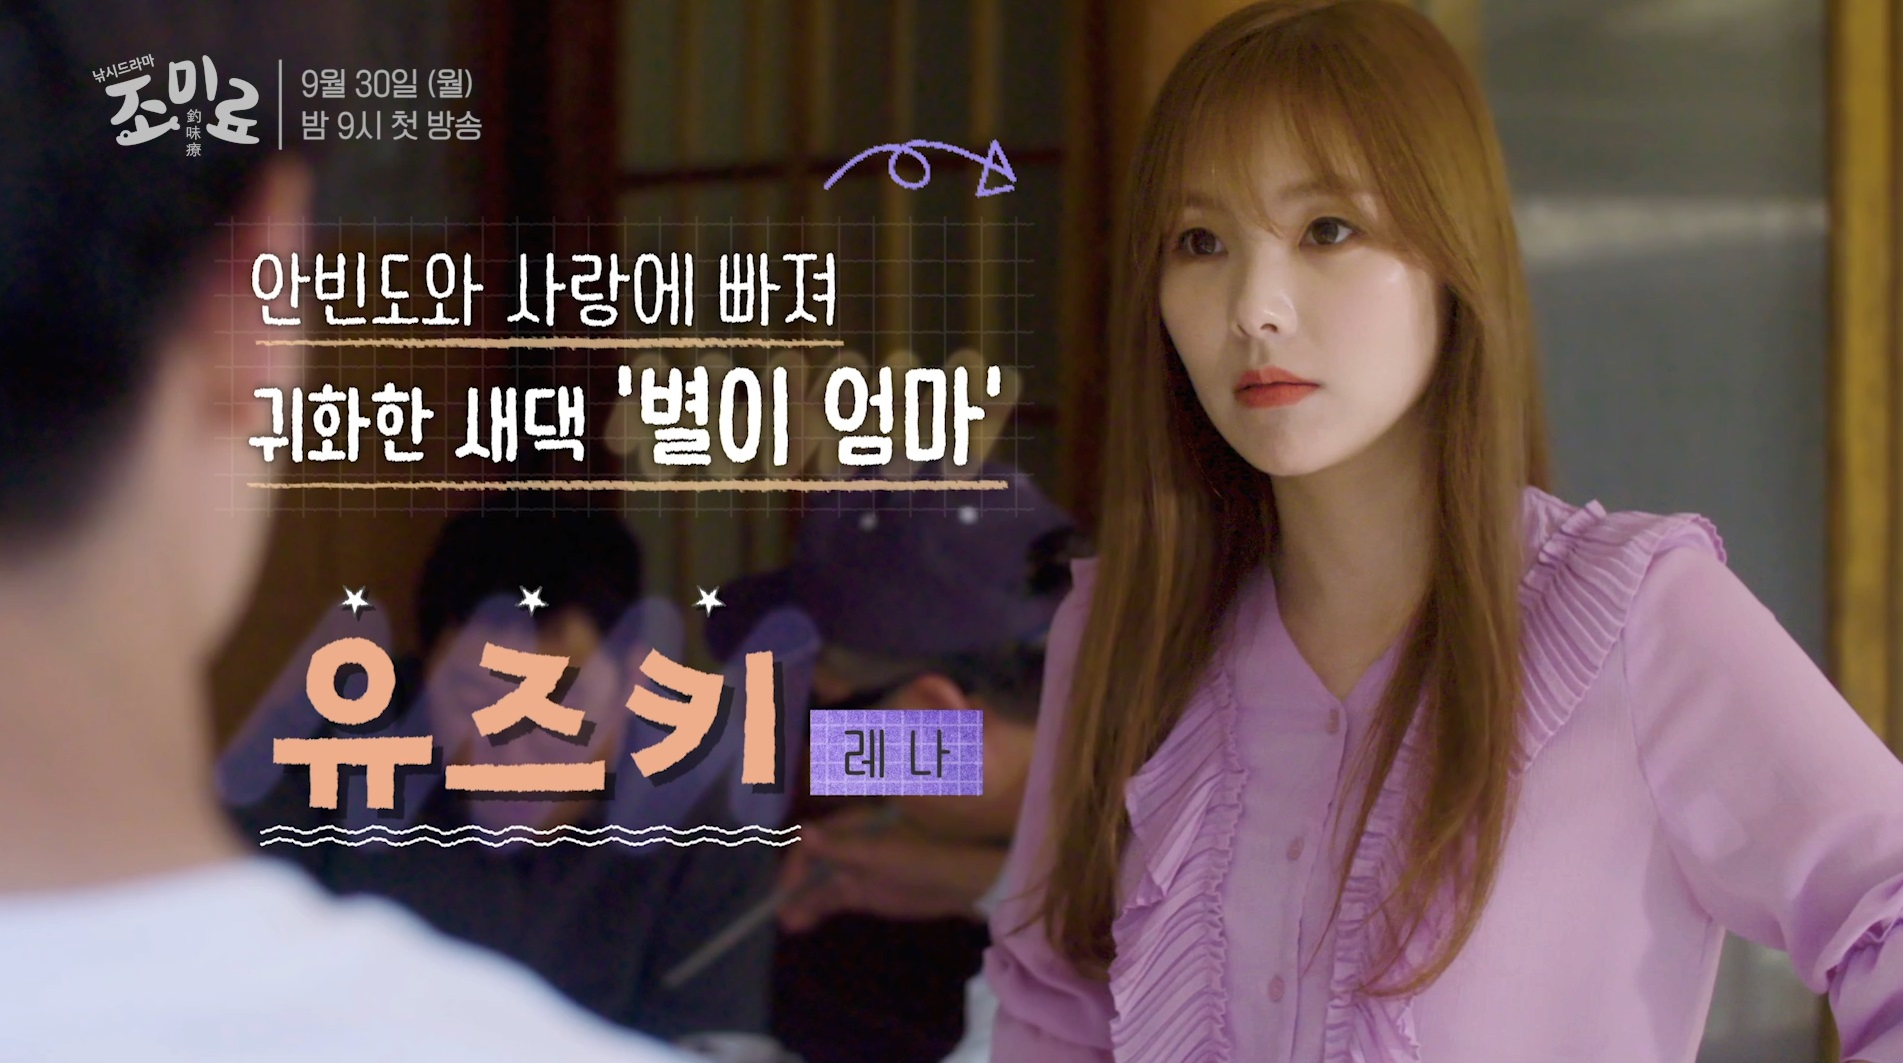 """배우 레나, 드라마 '조미료'서 한국 사랑하는 새댁 연기...""""실제 저랑 너무 비슷해요"""""""